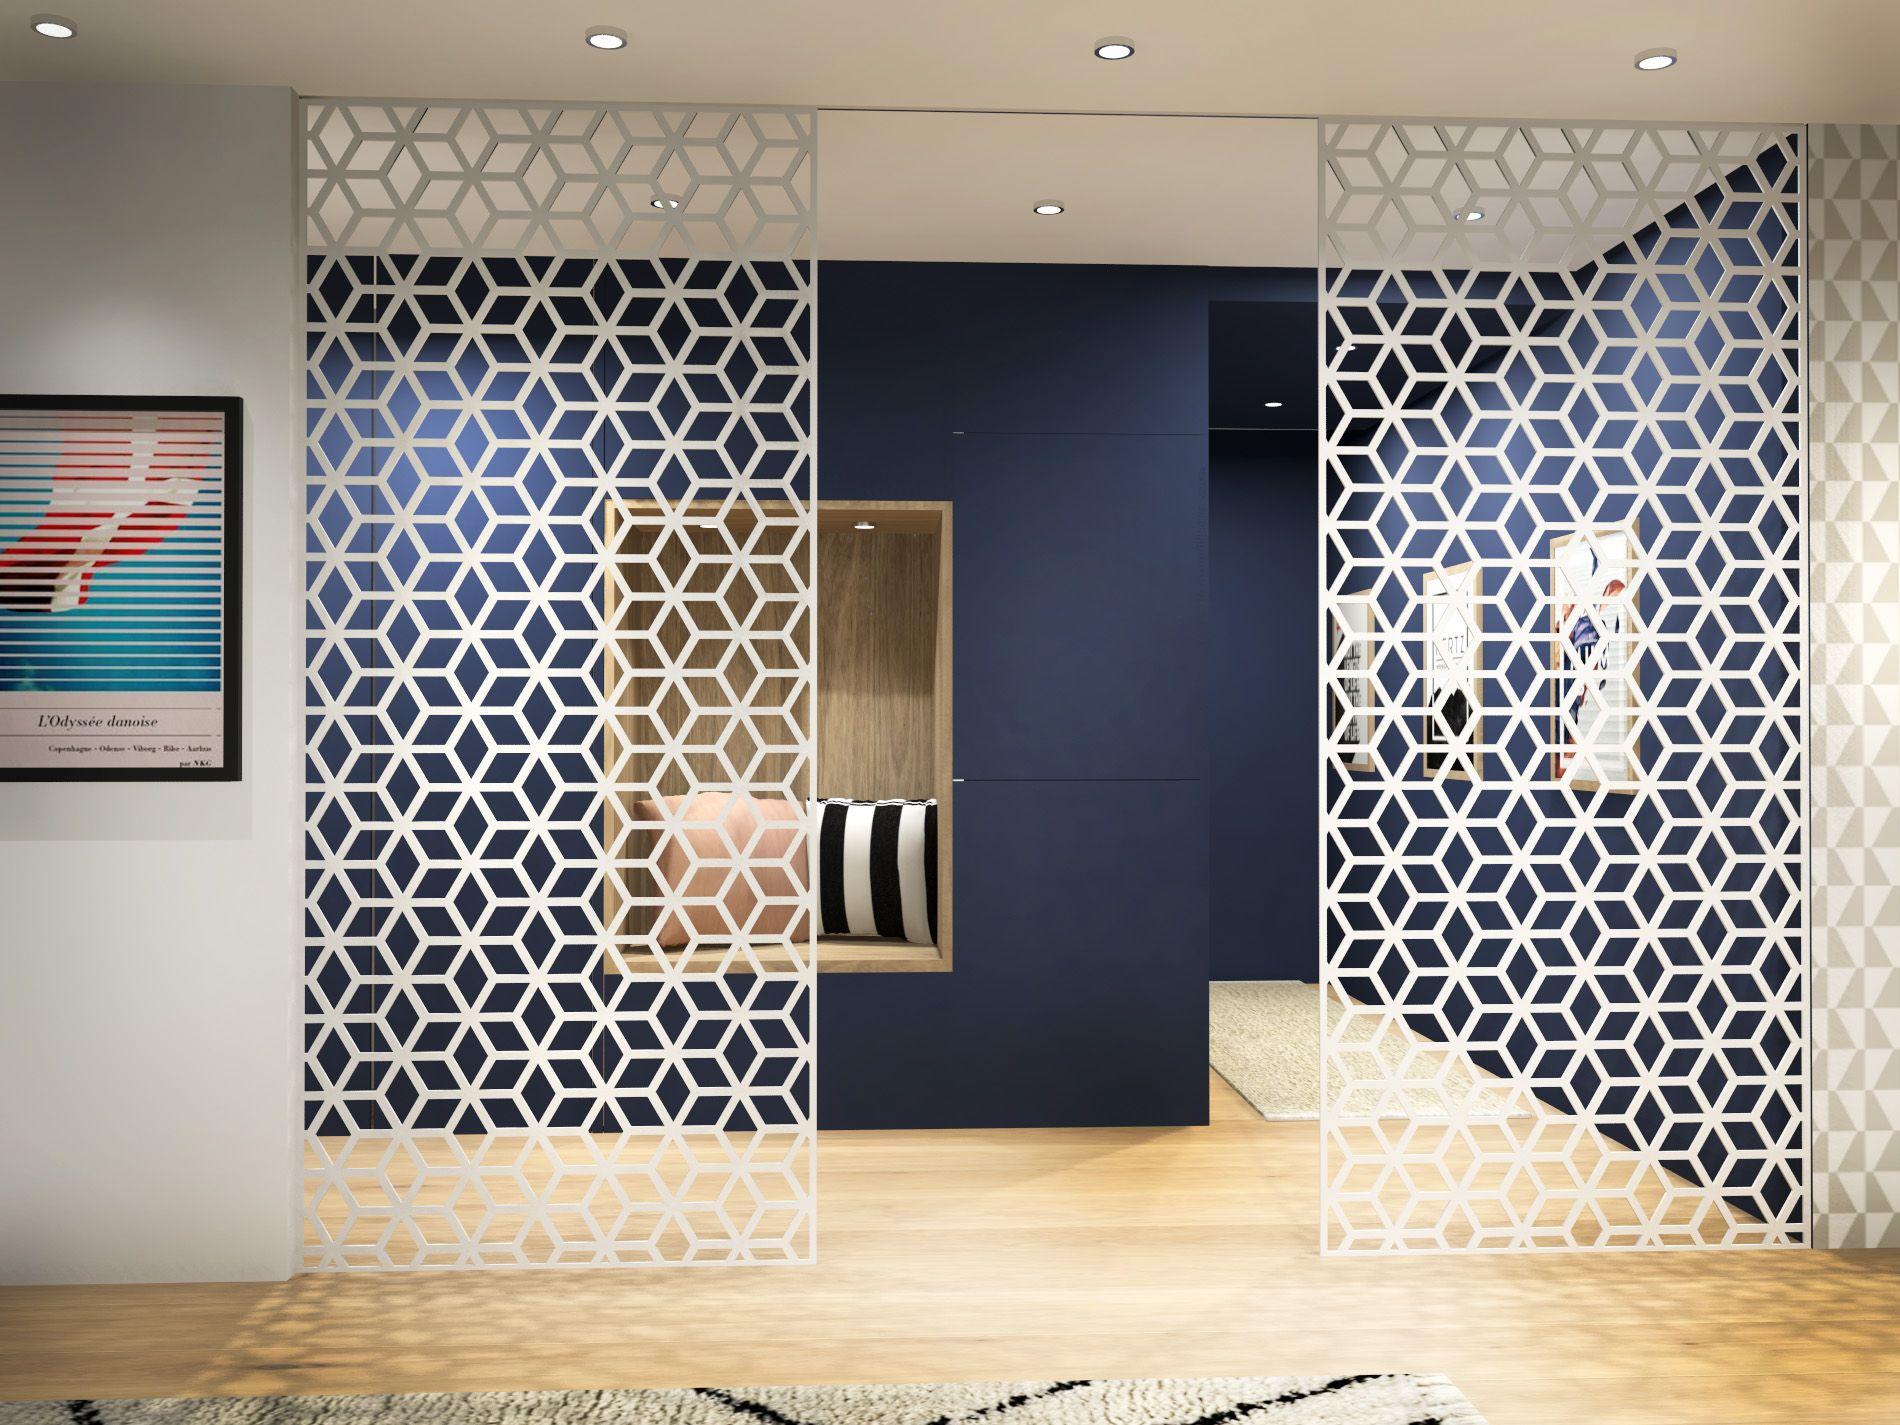 Cloisons décoratives métal sur-mesure | CNC cutting Đesigns ...